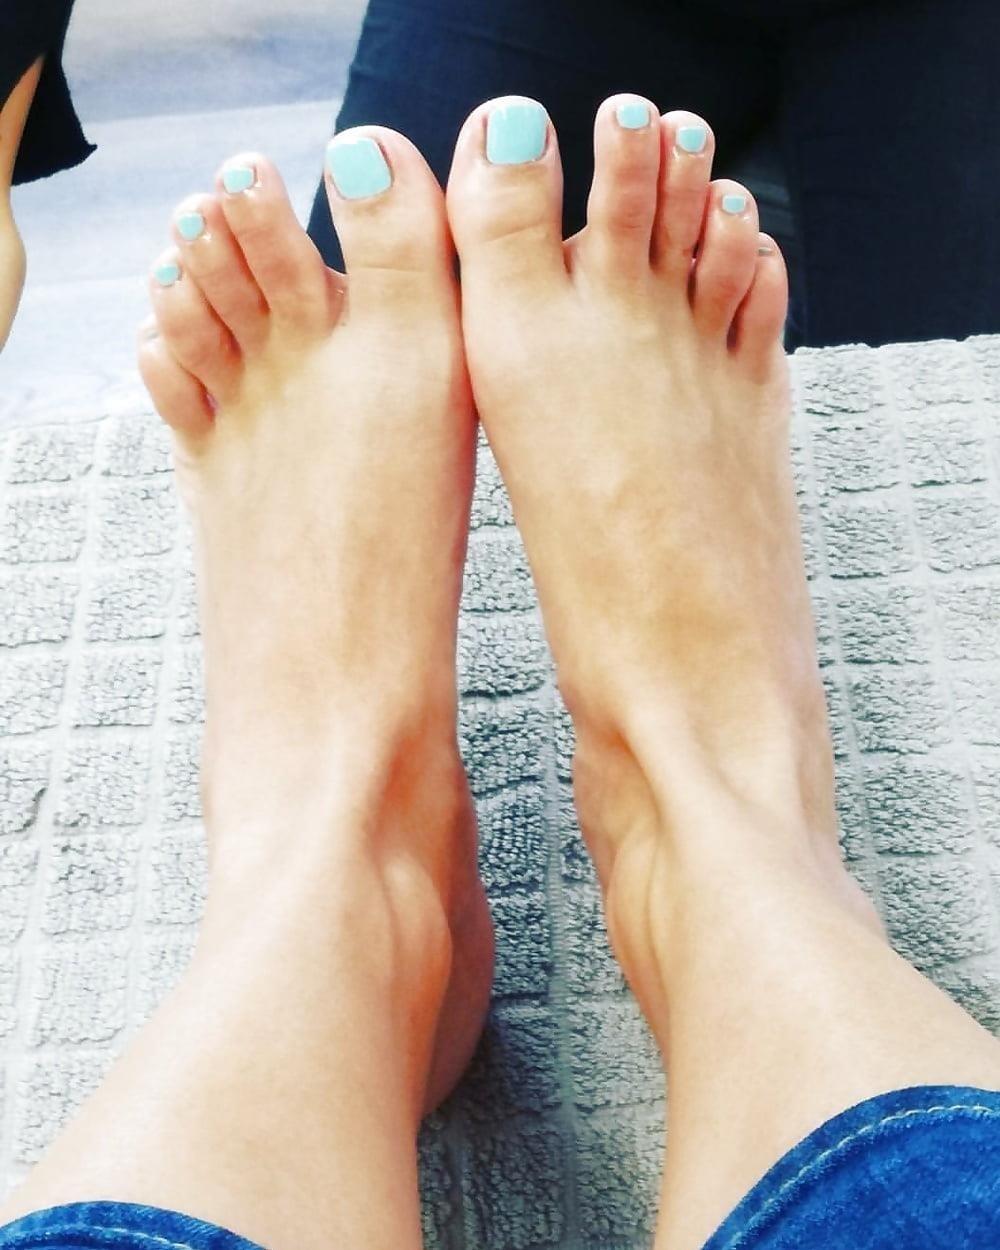 Frida sante feet-8985